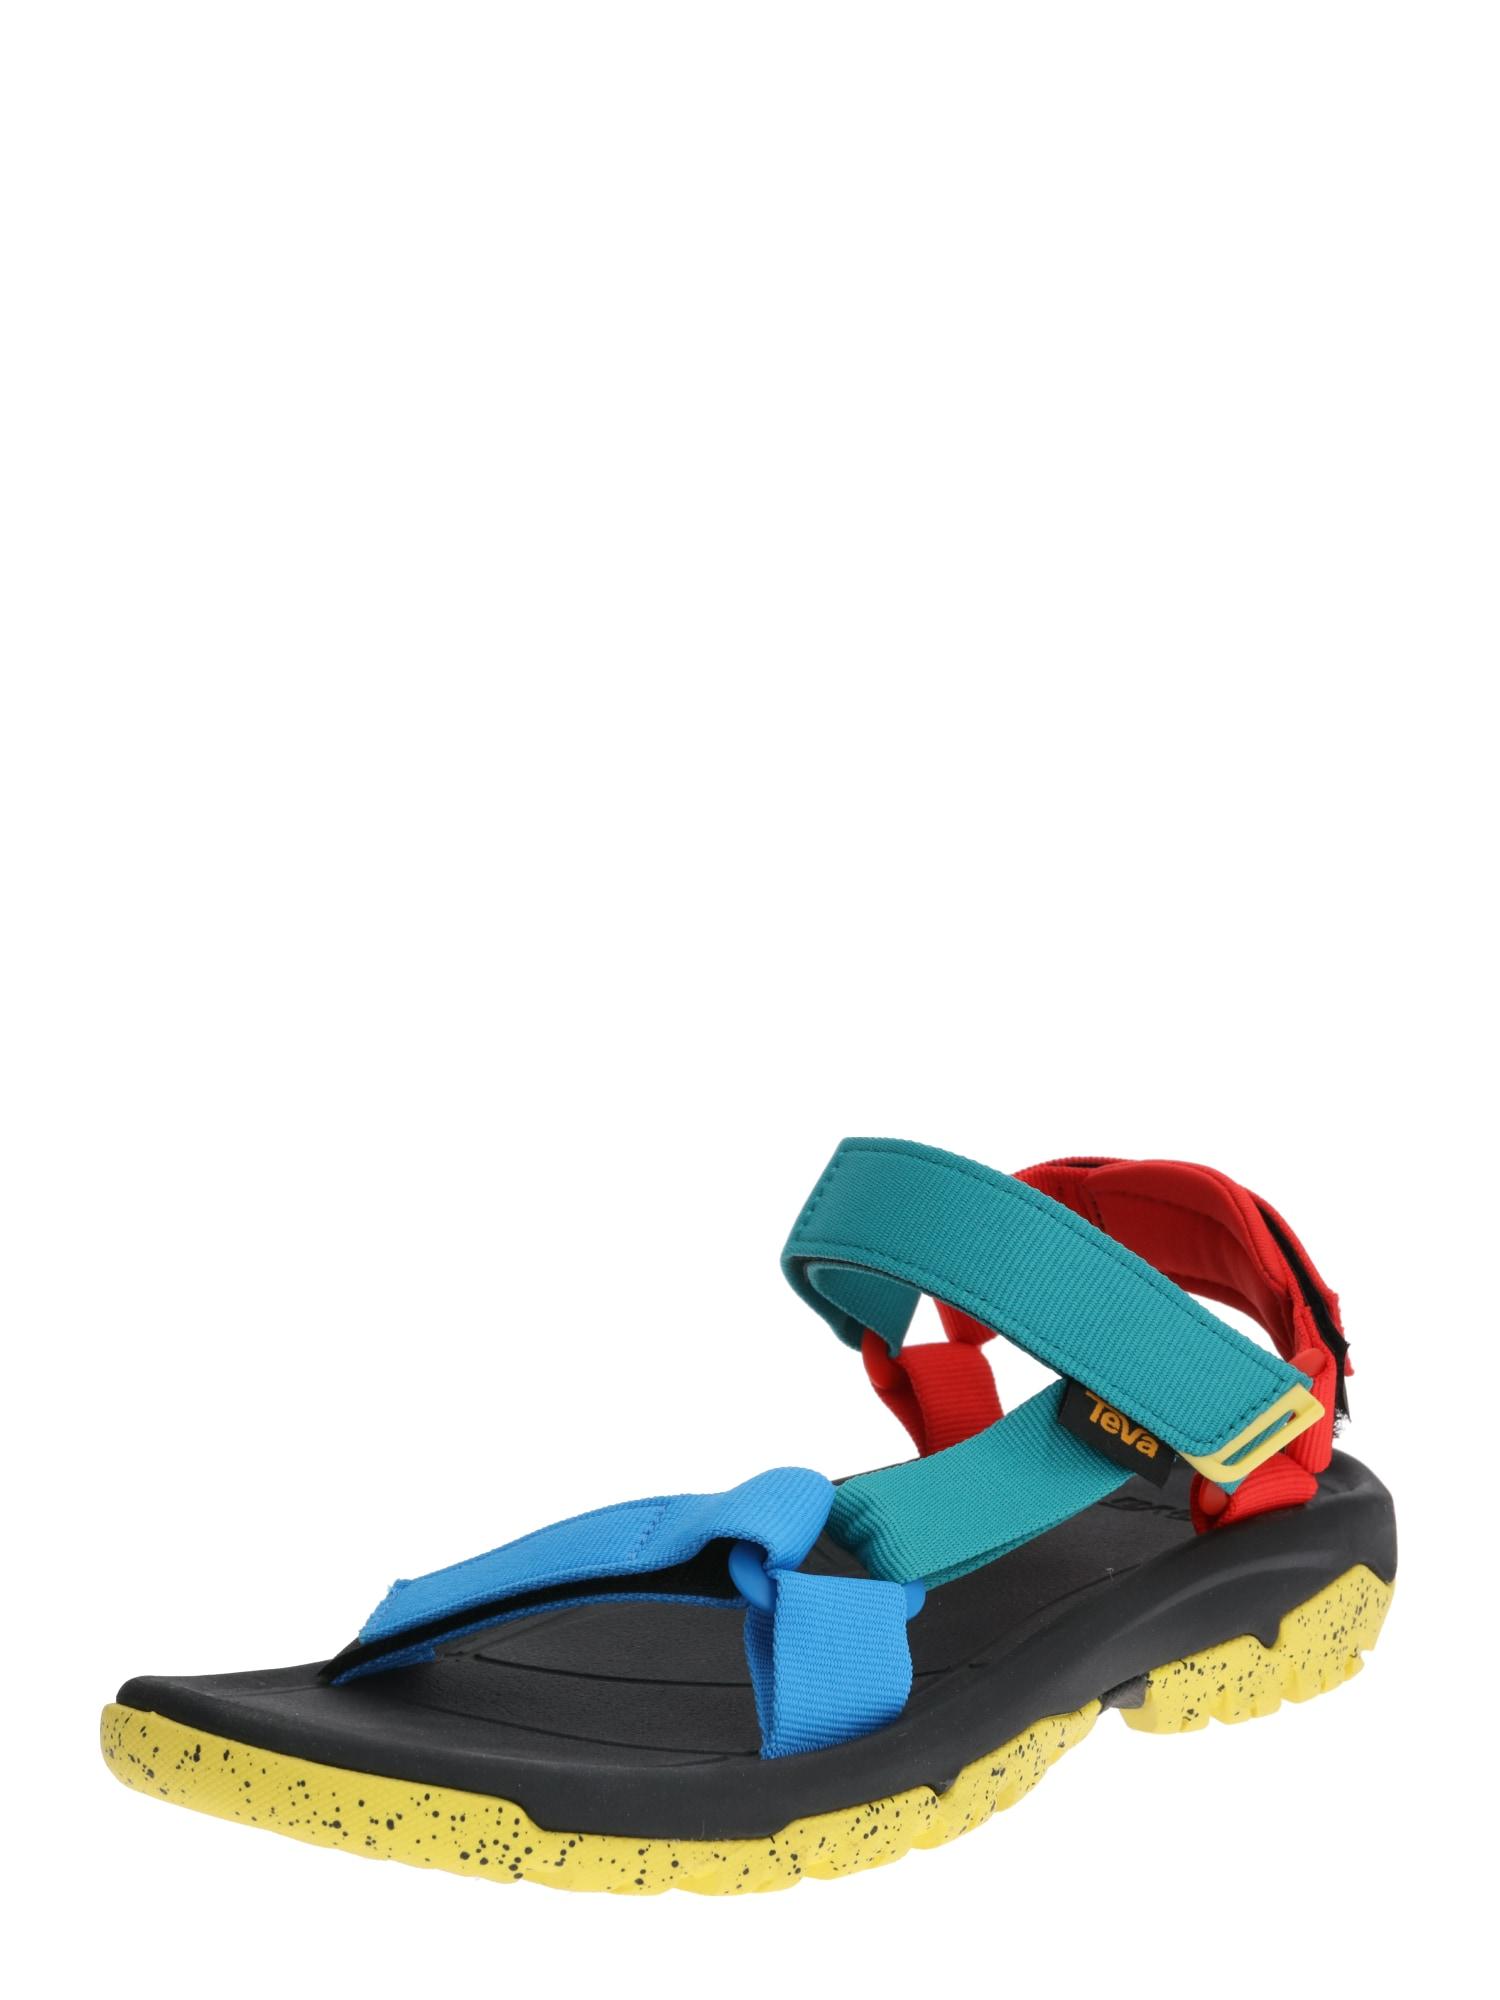 TEVA Sandalai 'XLT2' mėlyna / turkio spalva / raudona